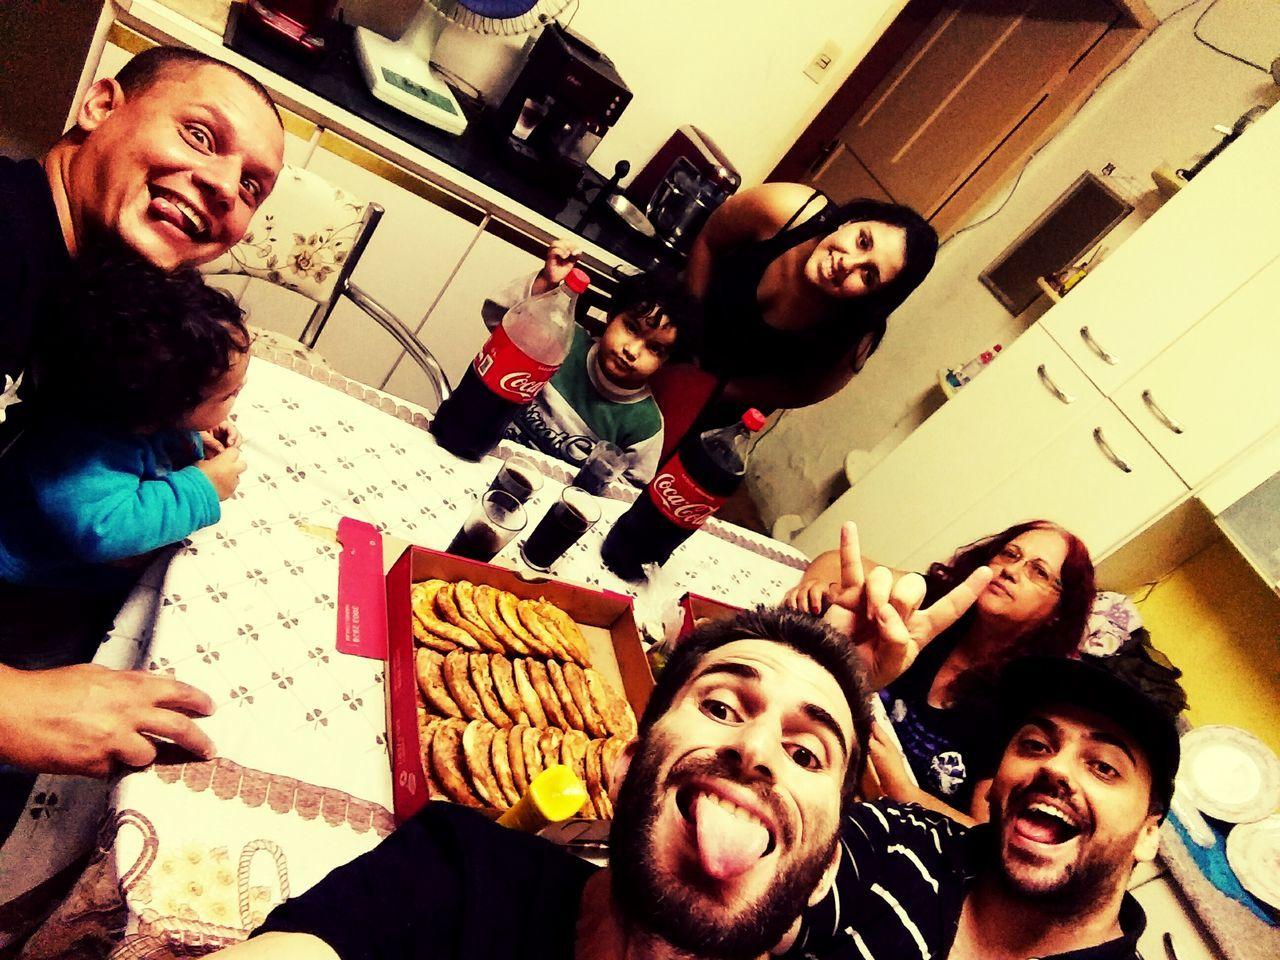 Com os amigos comendo esfiha Comidas Happiness Amigos First Eyeem Photo